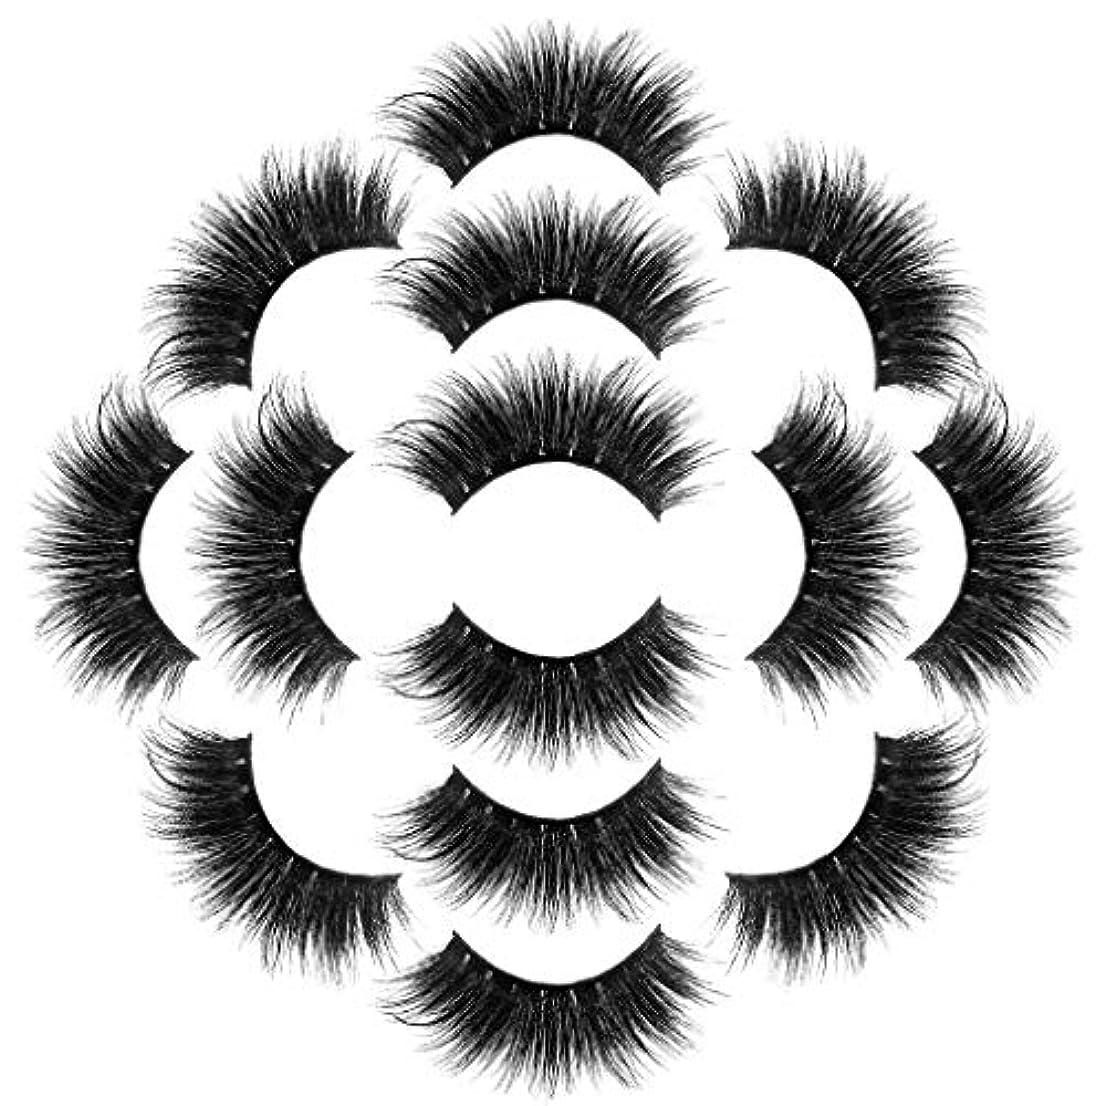 寓話ピンポイント累積ラグジュアリー7ペア8Dつけまつげふわふわストリップまつげロングナチュラルパーティーメイク